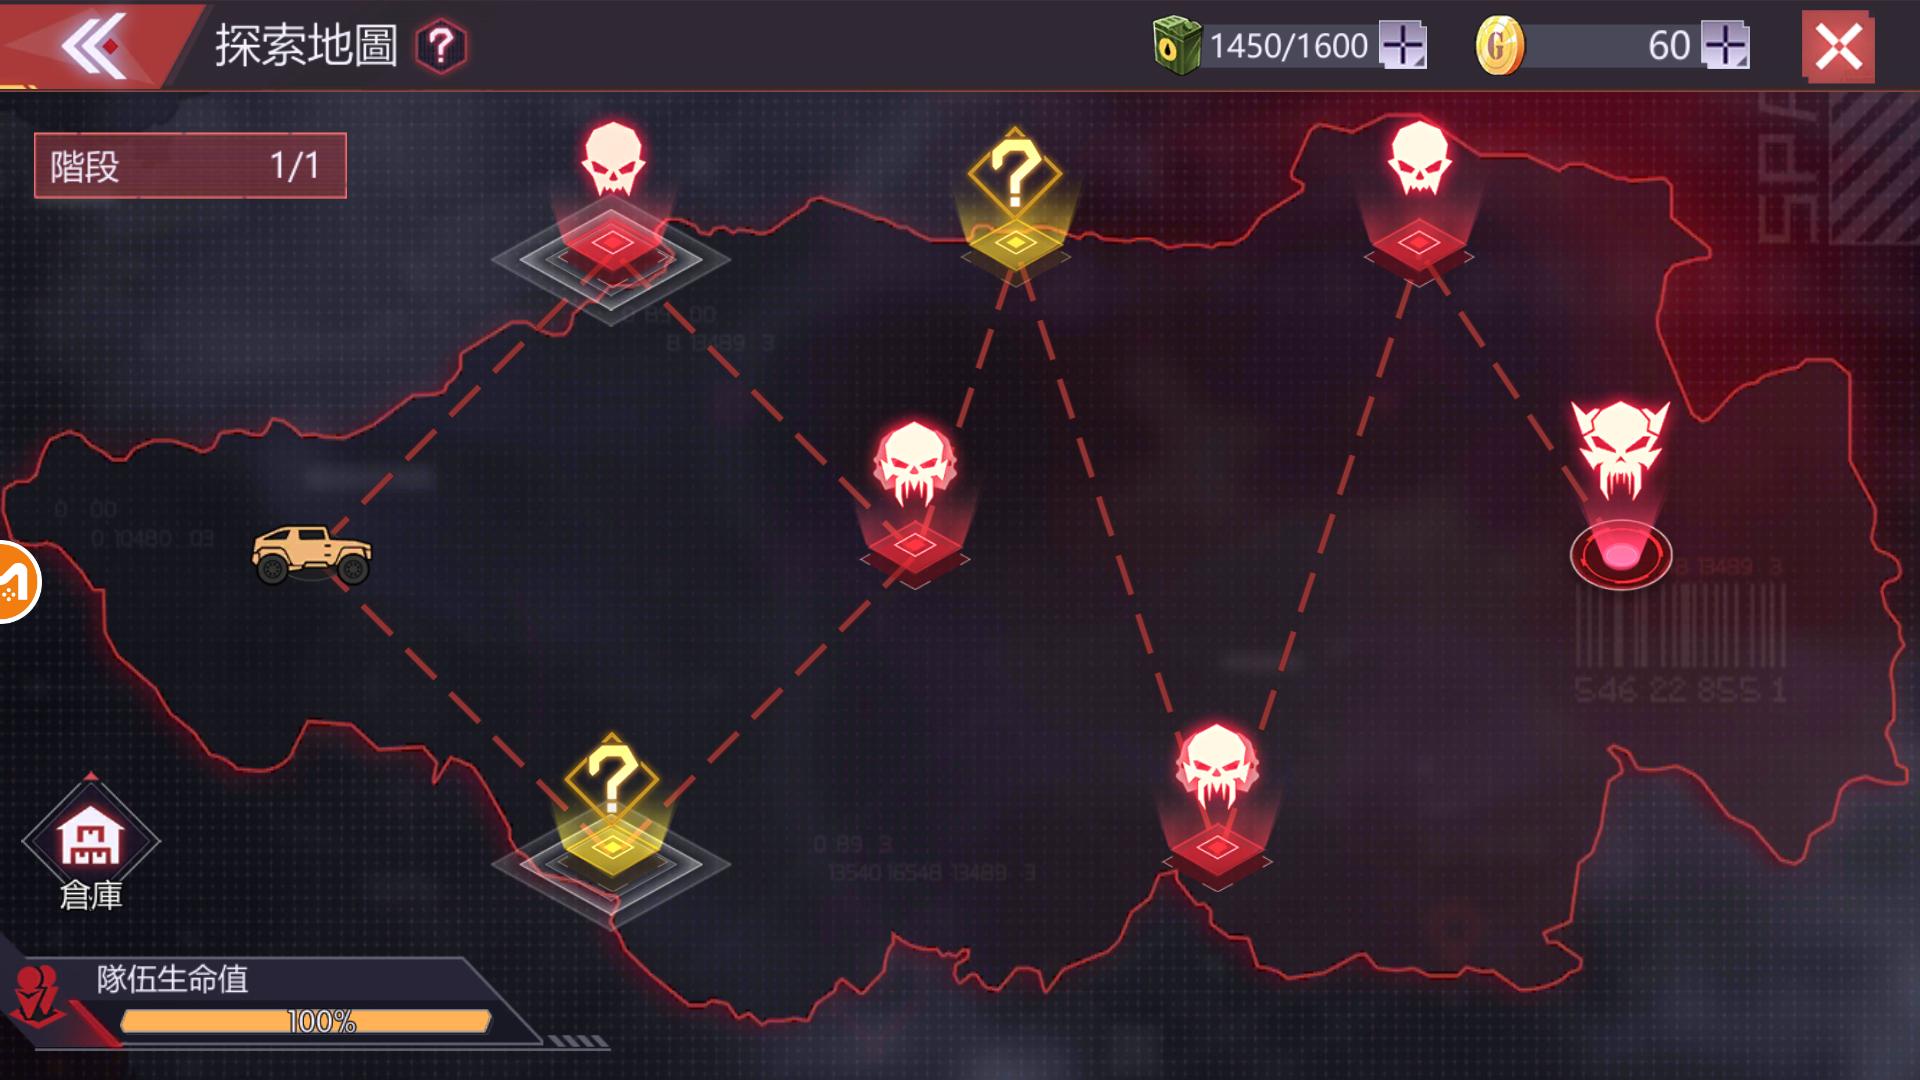 遊戲中的地圖路線有分歧 走過就不能回頭